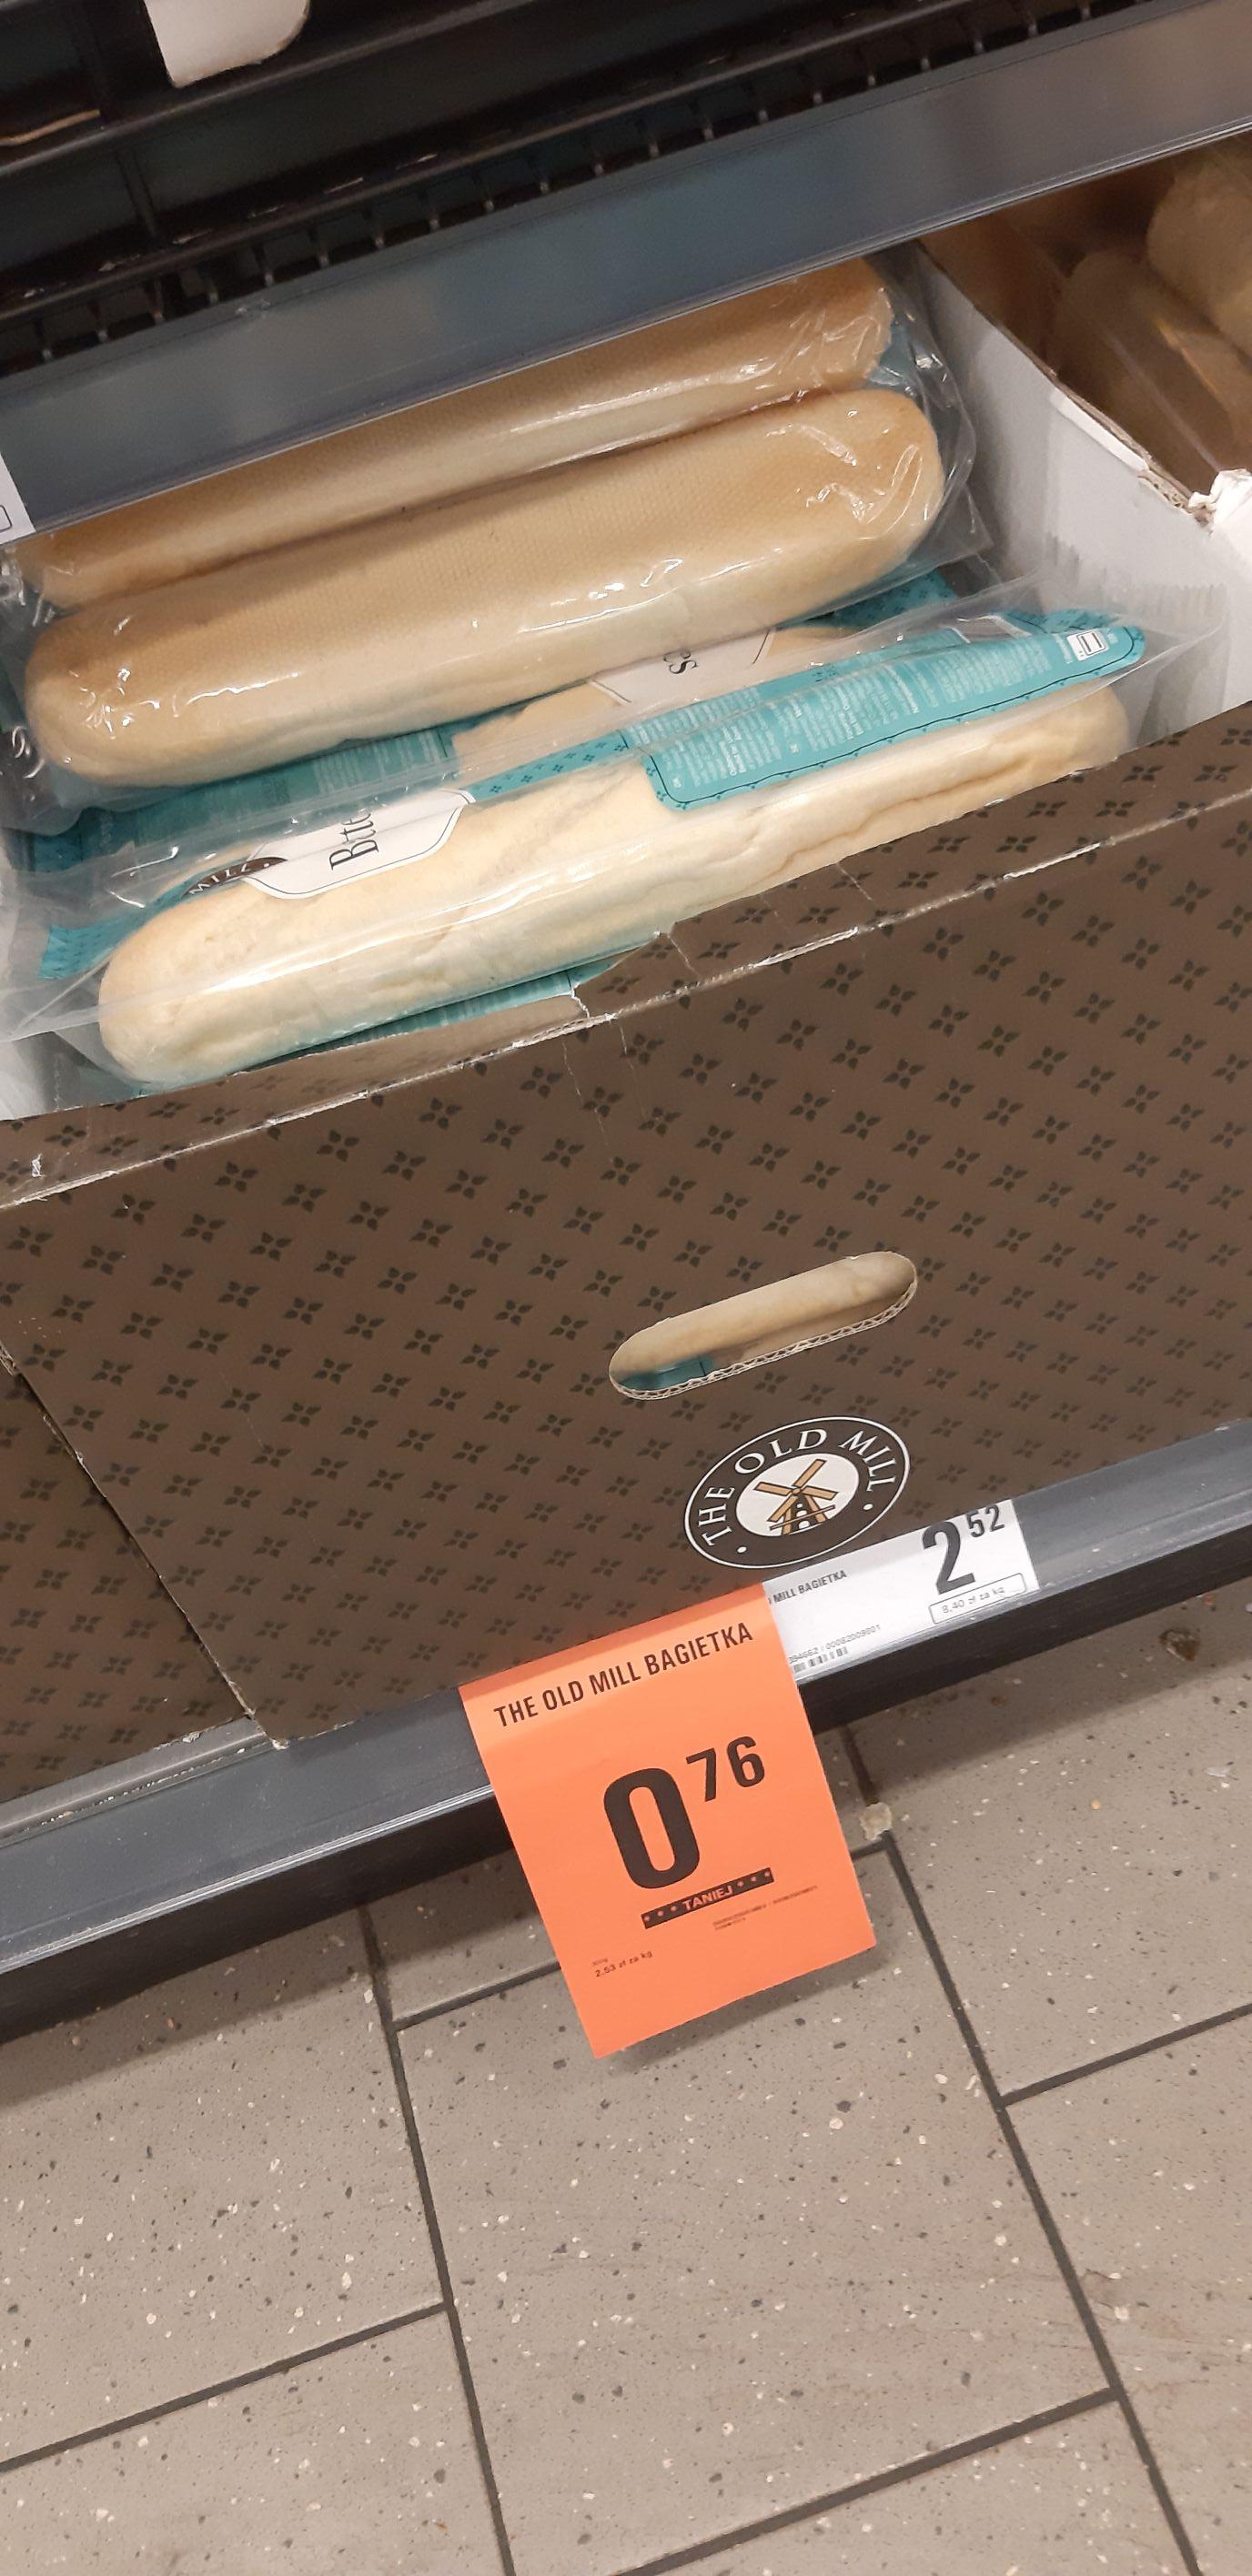 2x Bagietka do samodzielnego odpieku Netto Koszalin Os. Bukowe